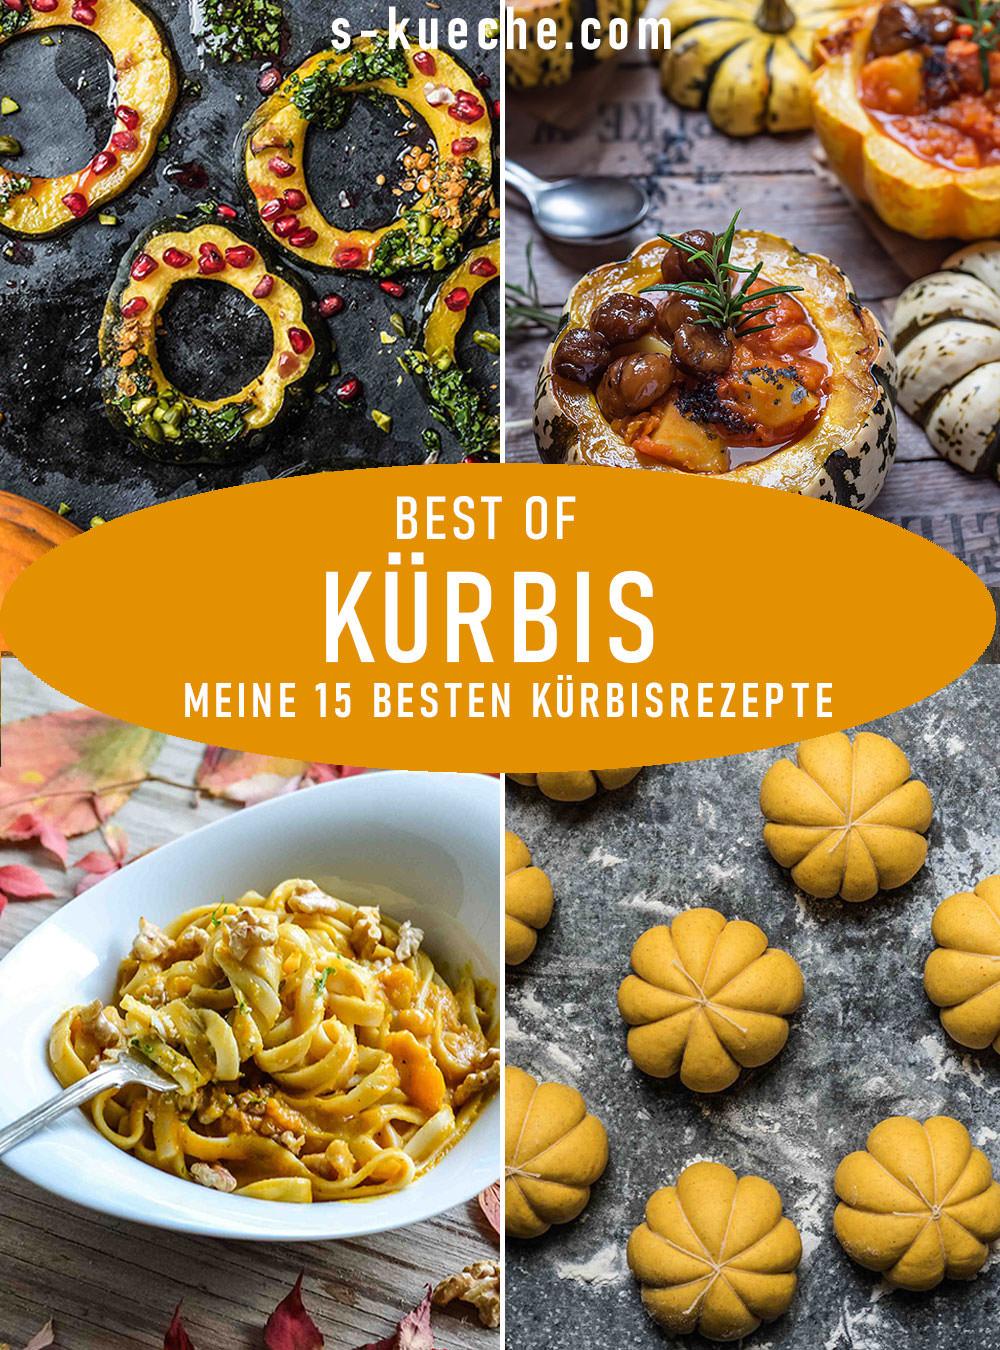 Best of Kürbis - S-Kueche